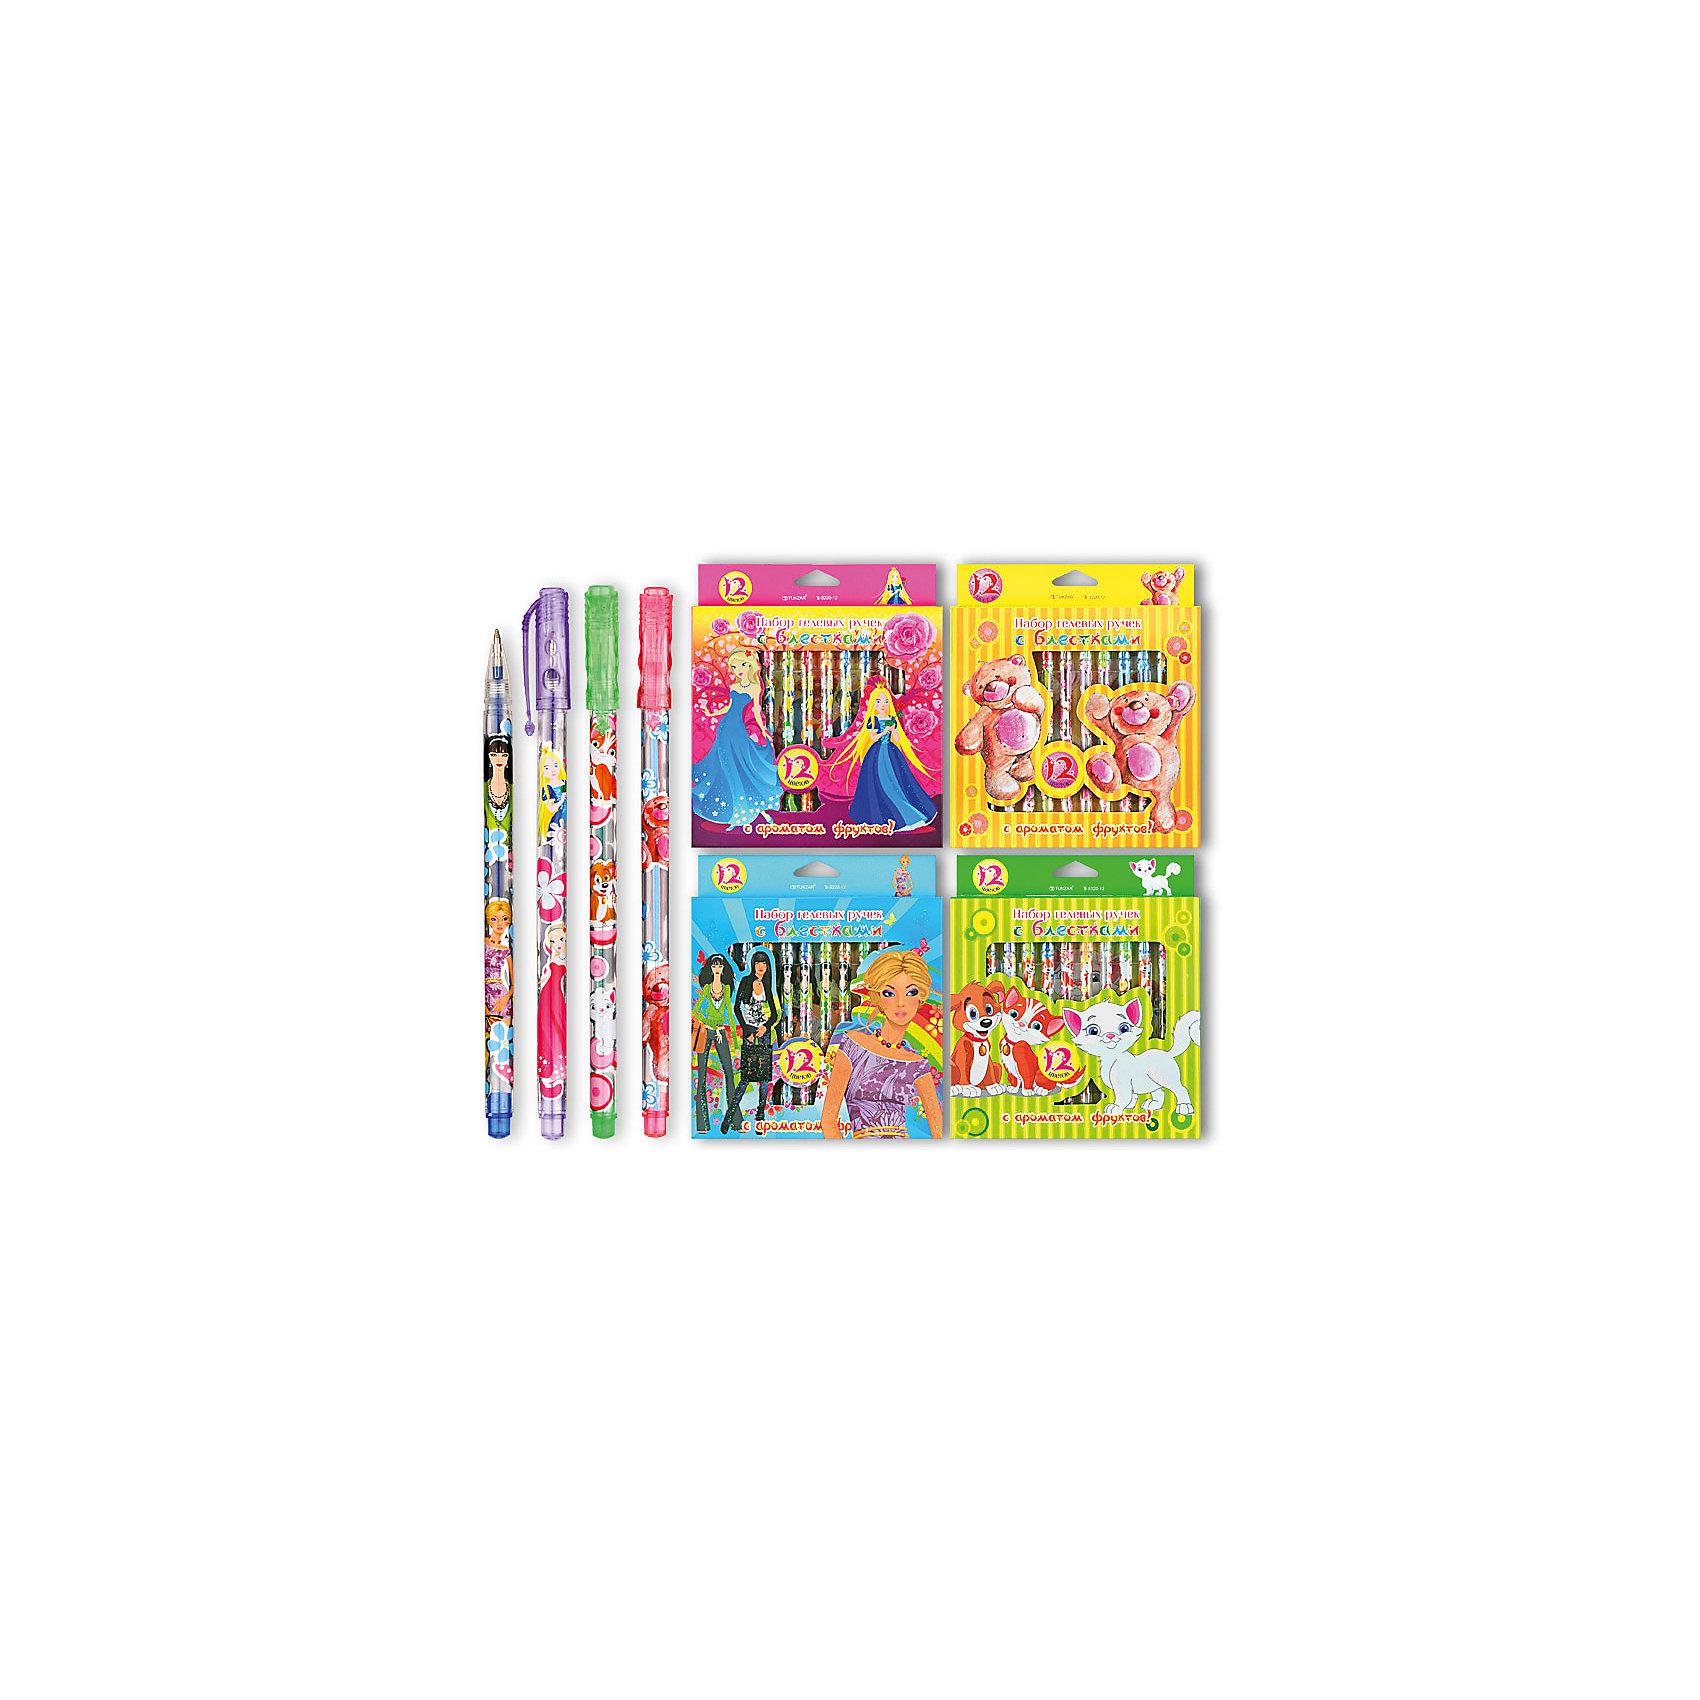 TUKZAR Набор гелевых ручек с блестками, ароматизированные, 12 цв. hao yue style набор гелевых ручек 4 цвета